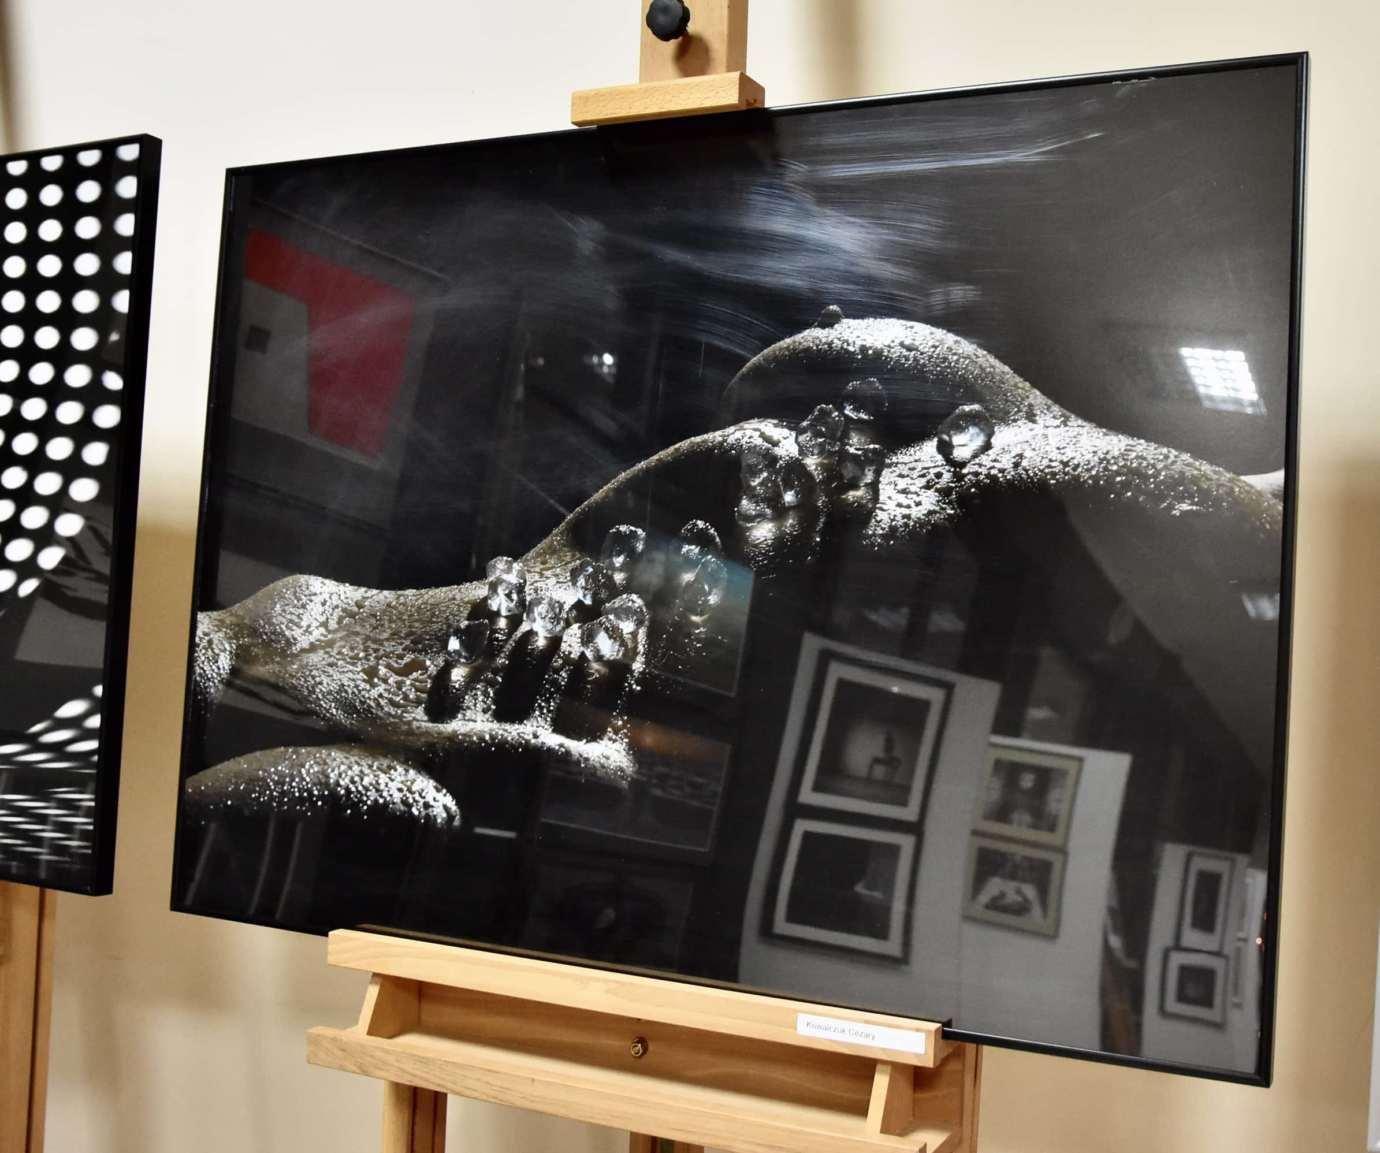 dsc 2562 Wystawa 66 limitowanych fotografii do zobaczenia w ZDK (zdjęcia)